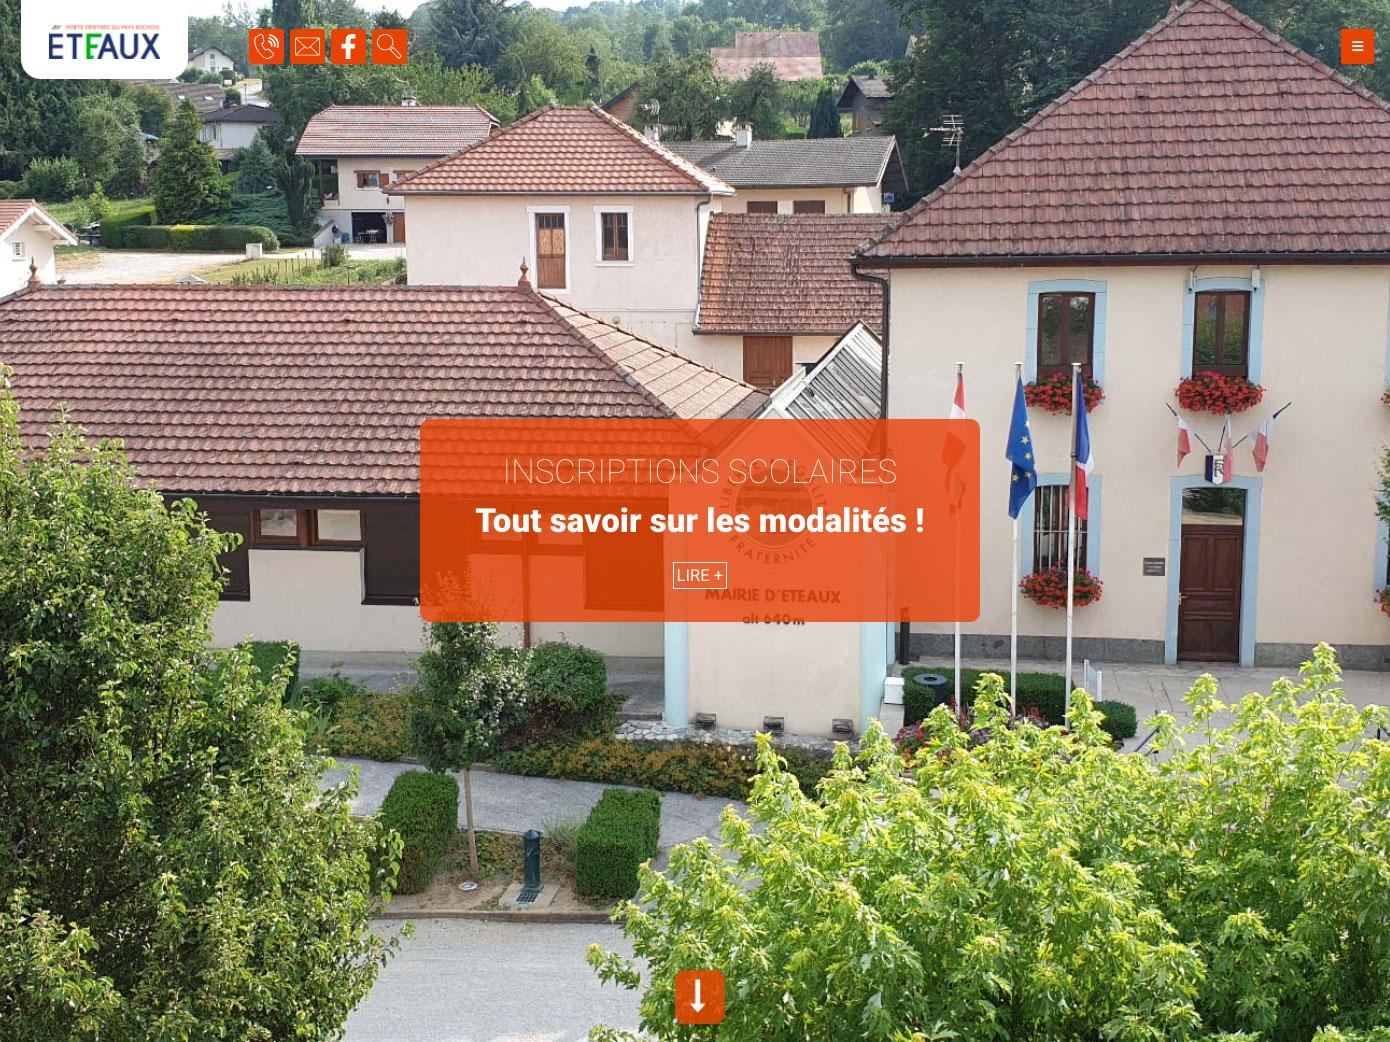 Mairie Éteaux en Haute-savoie - Montrez qui vous êtes avec grrrr